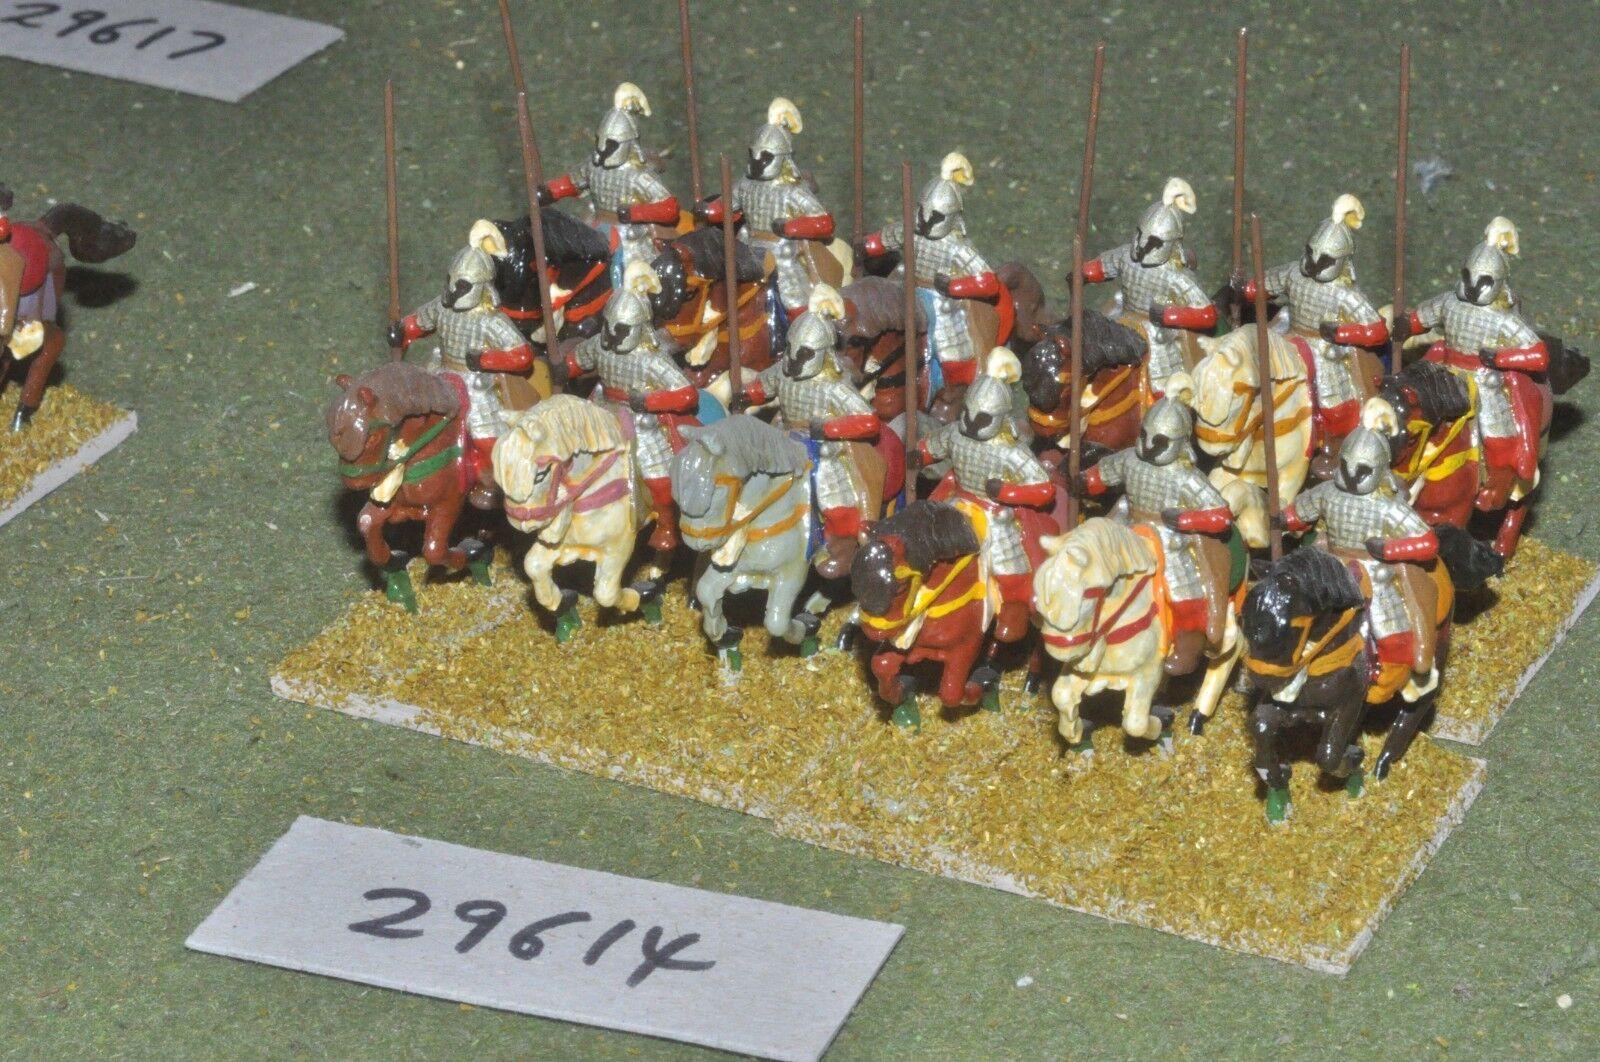 25mm mittelalterlichen   sarazenen - schwere 12 zahlen - cav (29614)